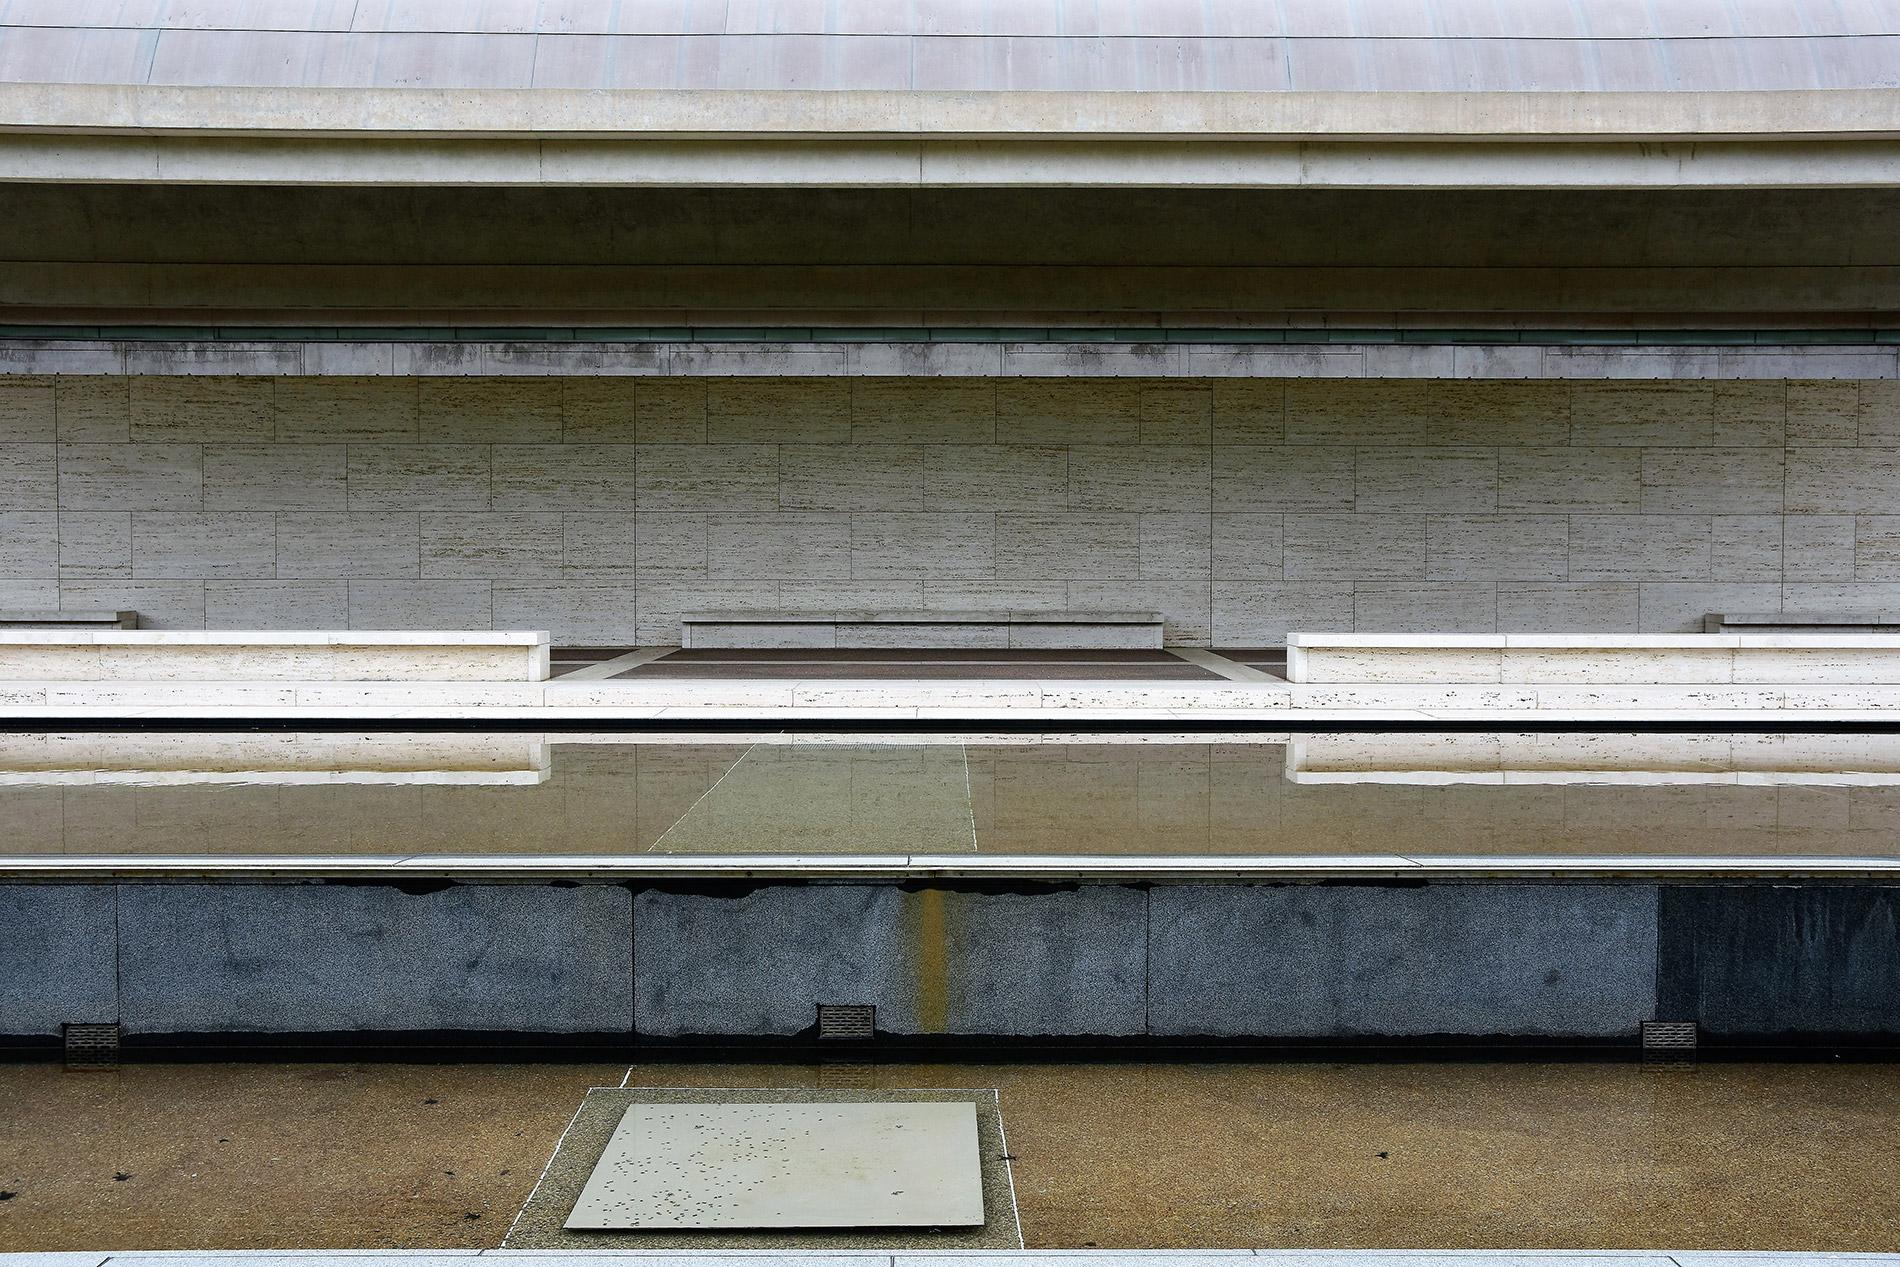 Αρχιτεκτονική, ιστορία και κριτική